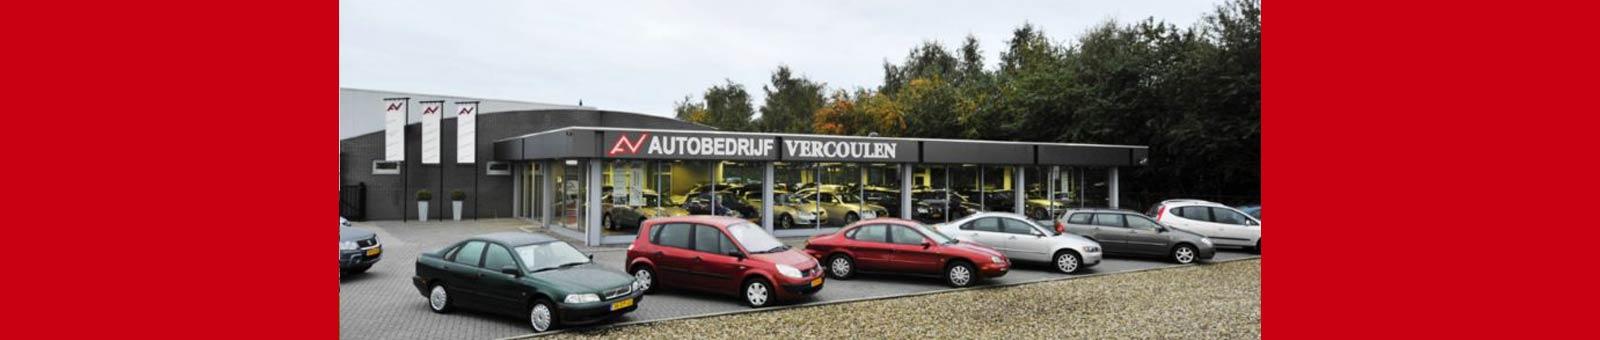 Autobedrijf Vercoulen Beringe